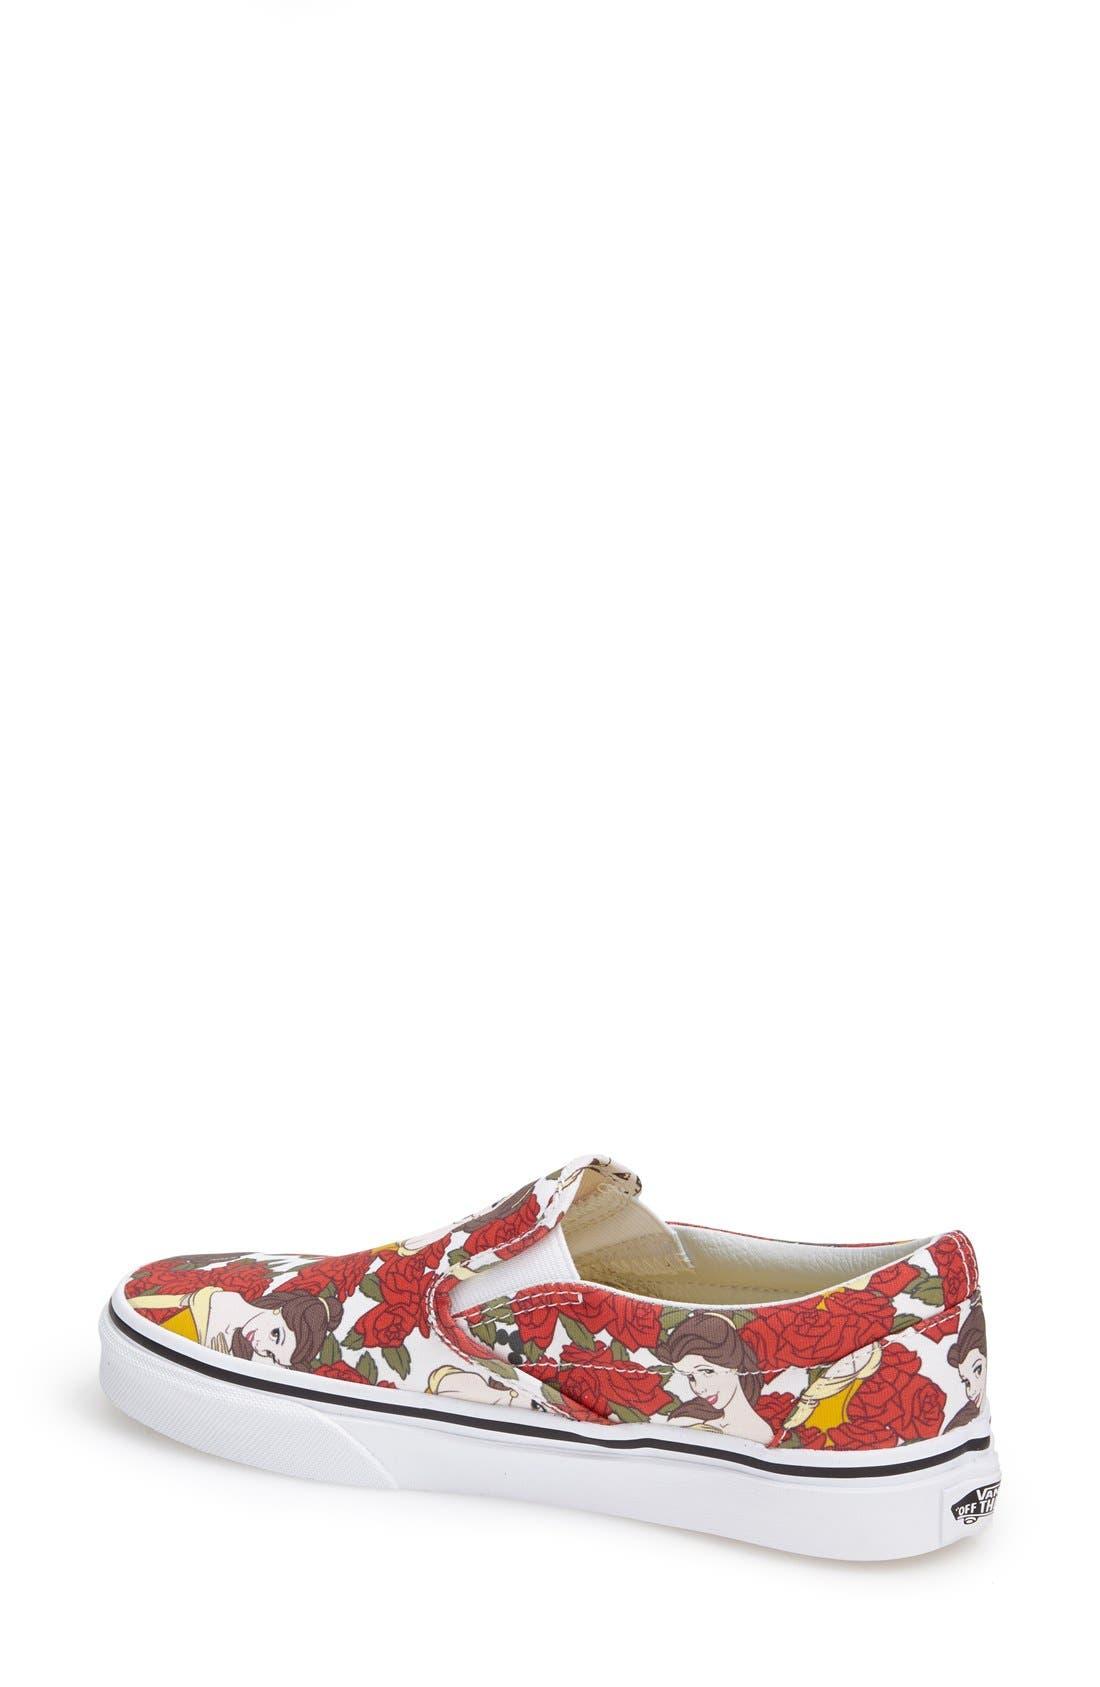 Alternate Image 3  - Vans 'Classic - Disney® Belle' Slip-On Sneaker (Women)